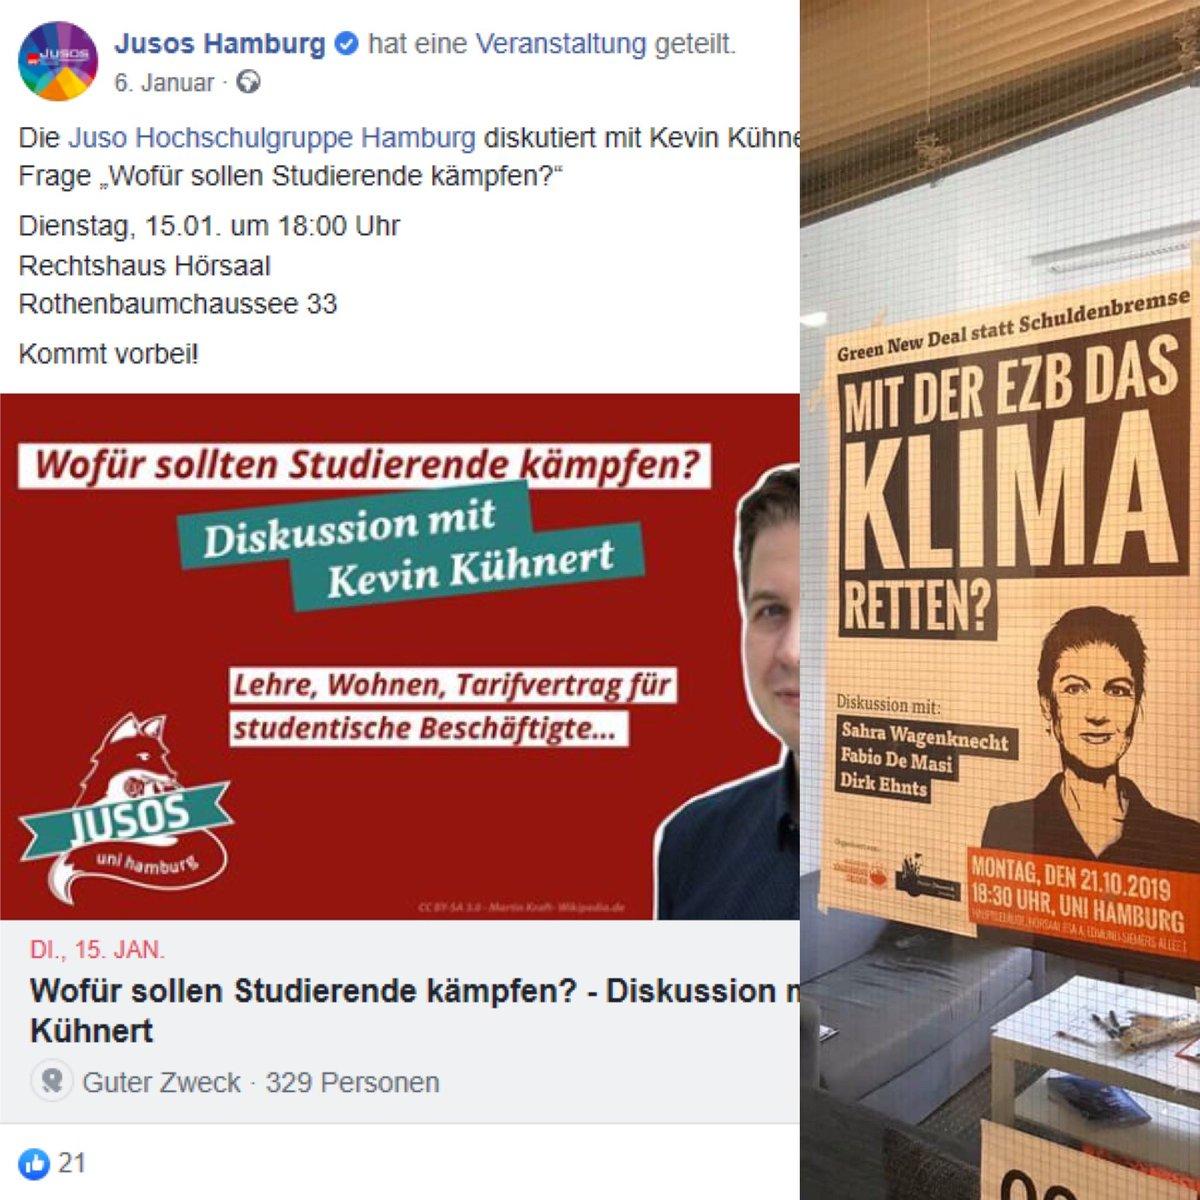 """Sind das hier die """"wissenschaftlichen Vorträge"""", die die Uni #Hamburg im Unterschied zu meiner Diskussion genehmigen kann? Frau Senatorin @fegebanks, Sie sind gefordert! CL #Meinungsfreiheit"""